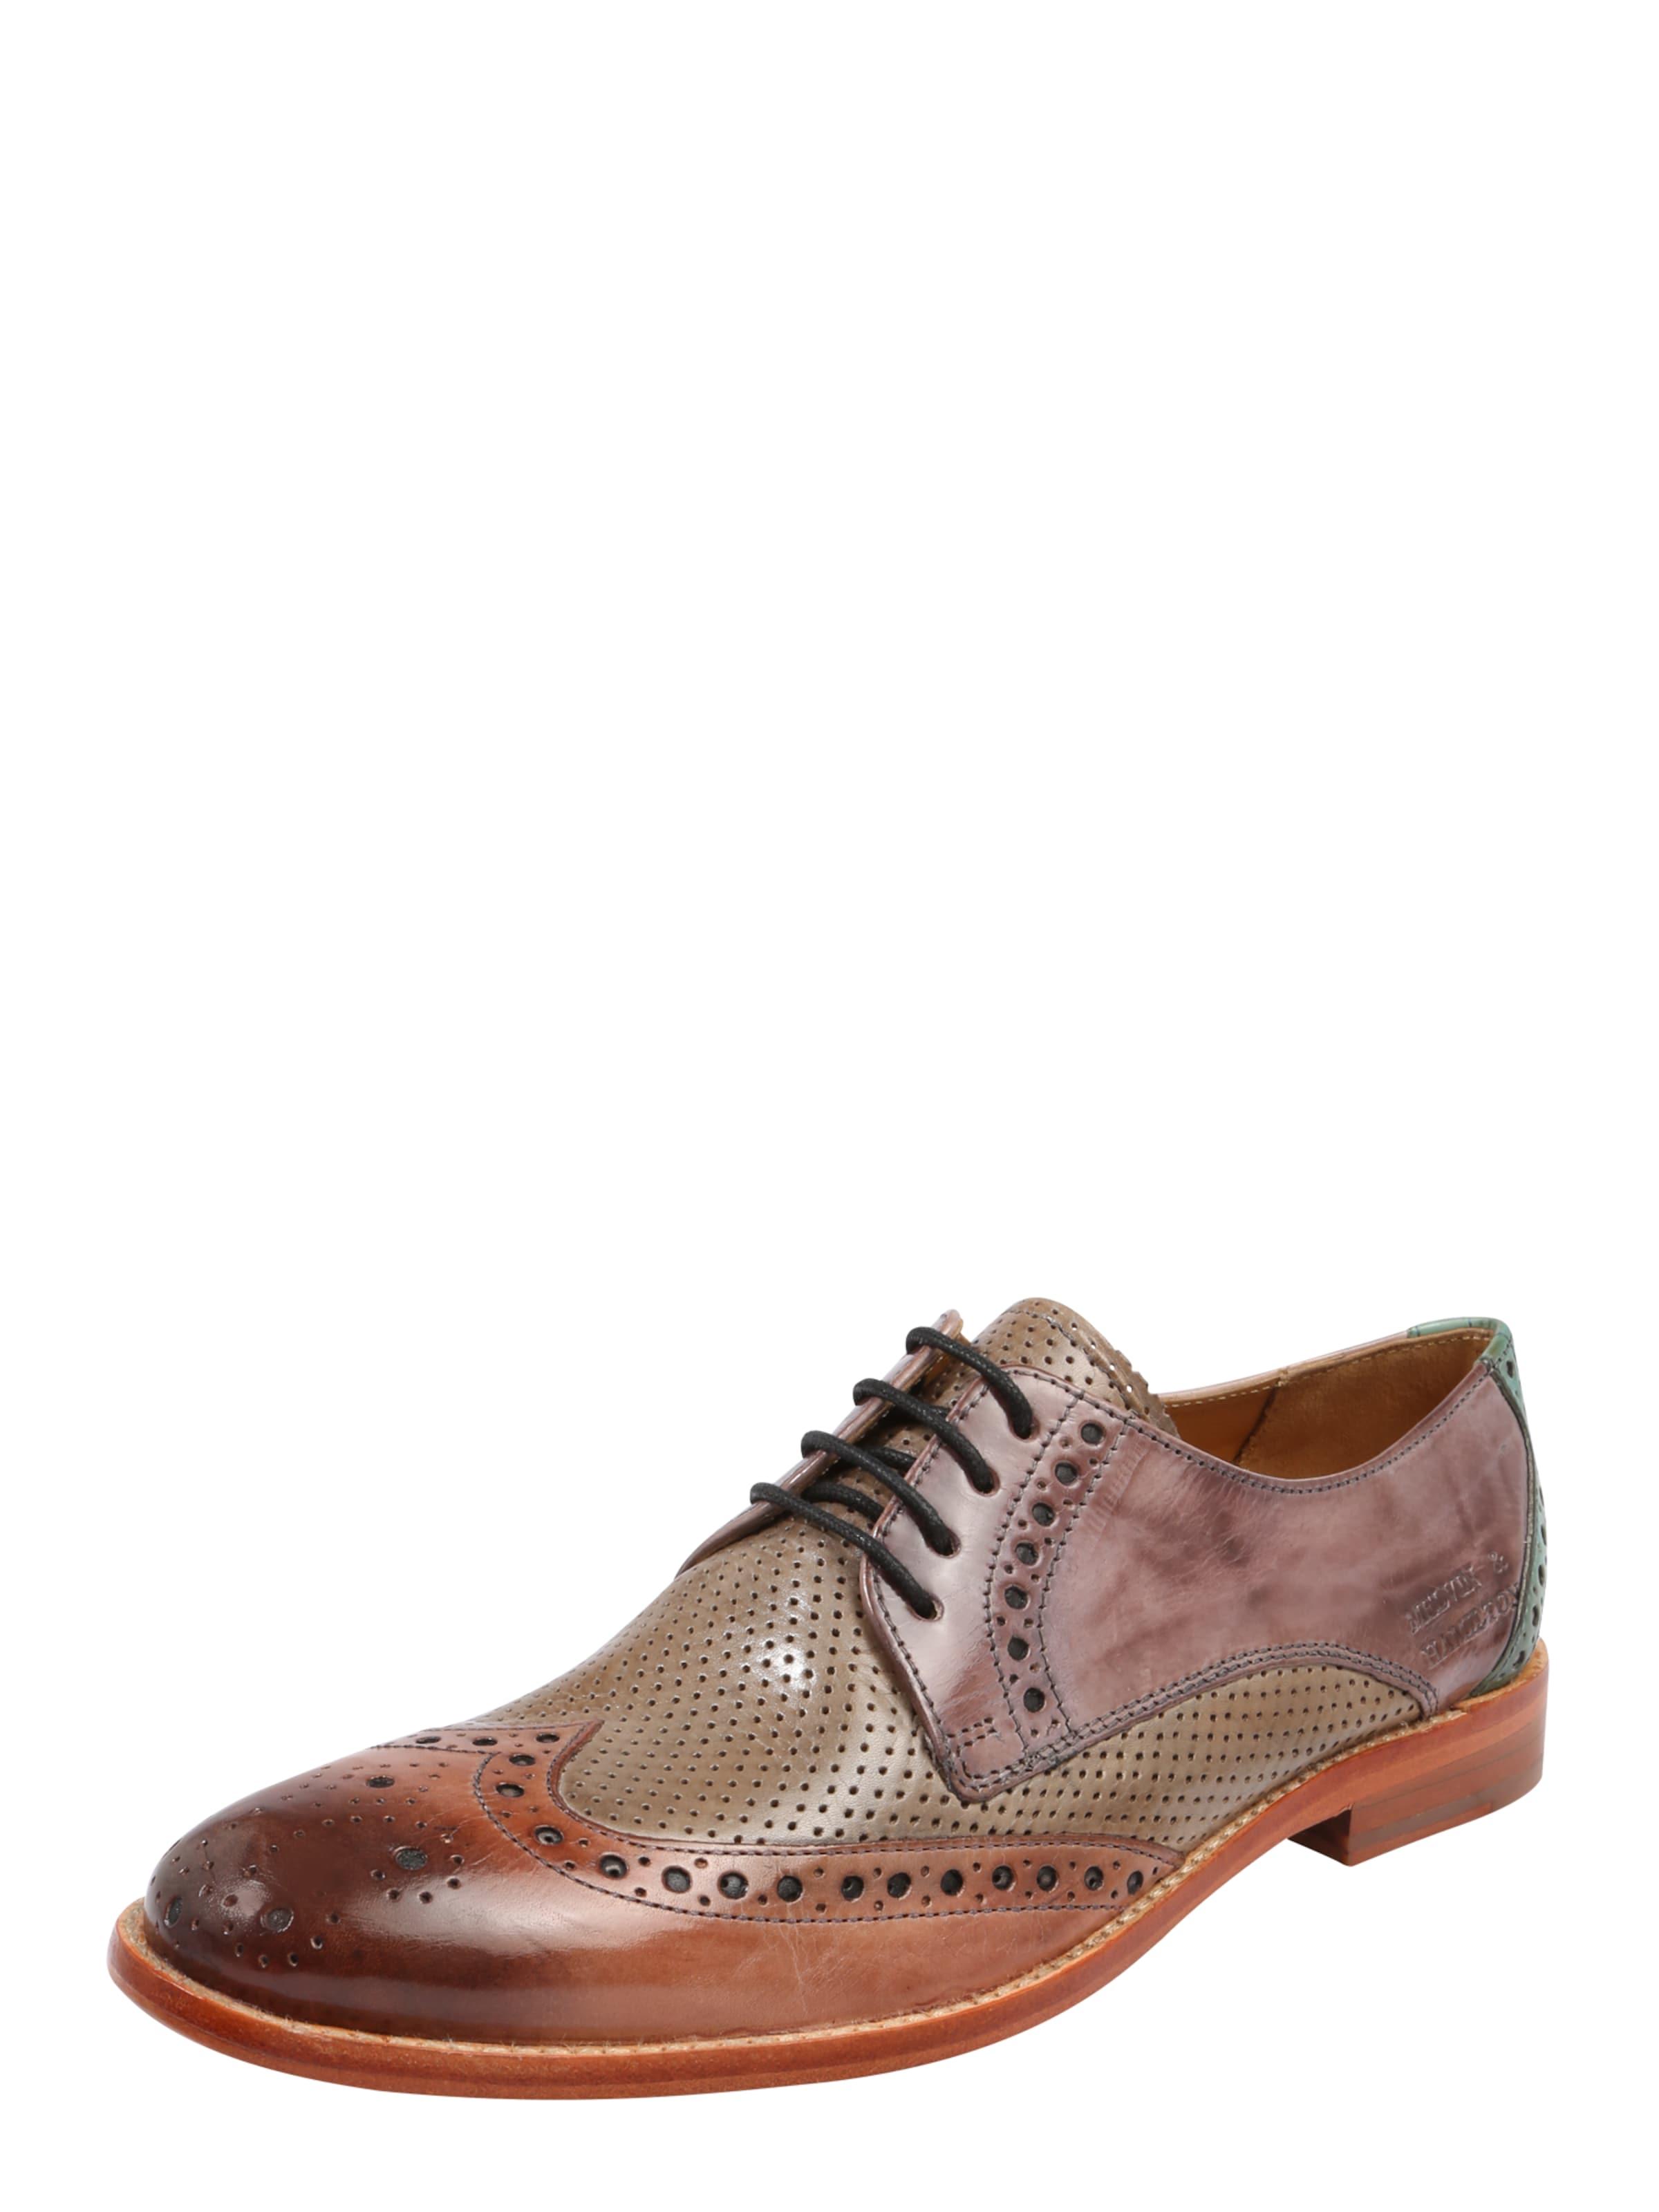 À En 3' Lacets MarronCaramel 'amelie Émeraude Chaussure Melvinamp; Hamilton XiZukOP